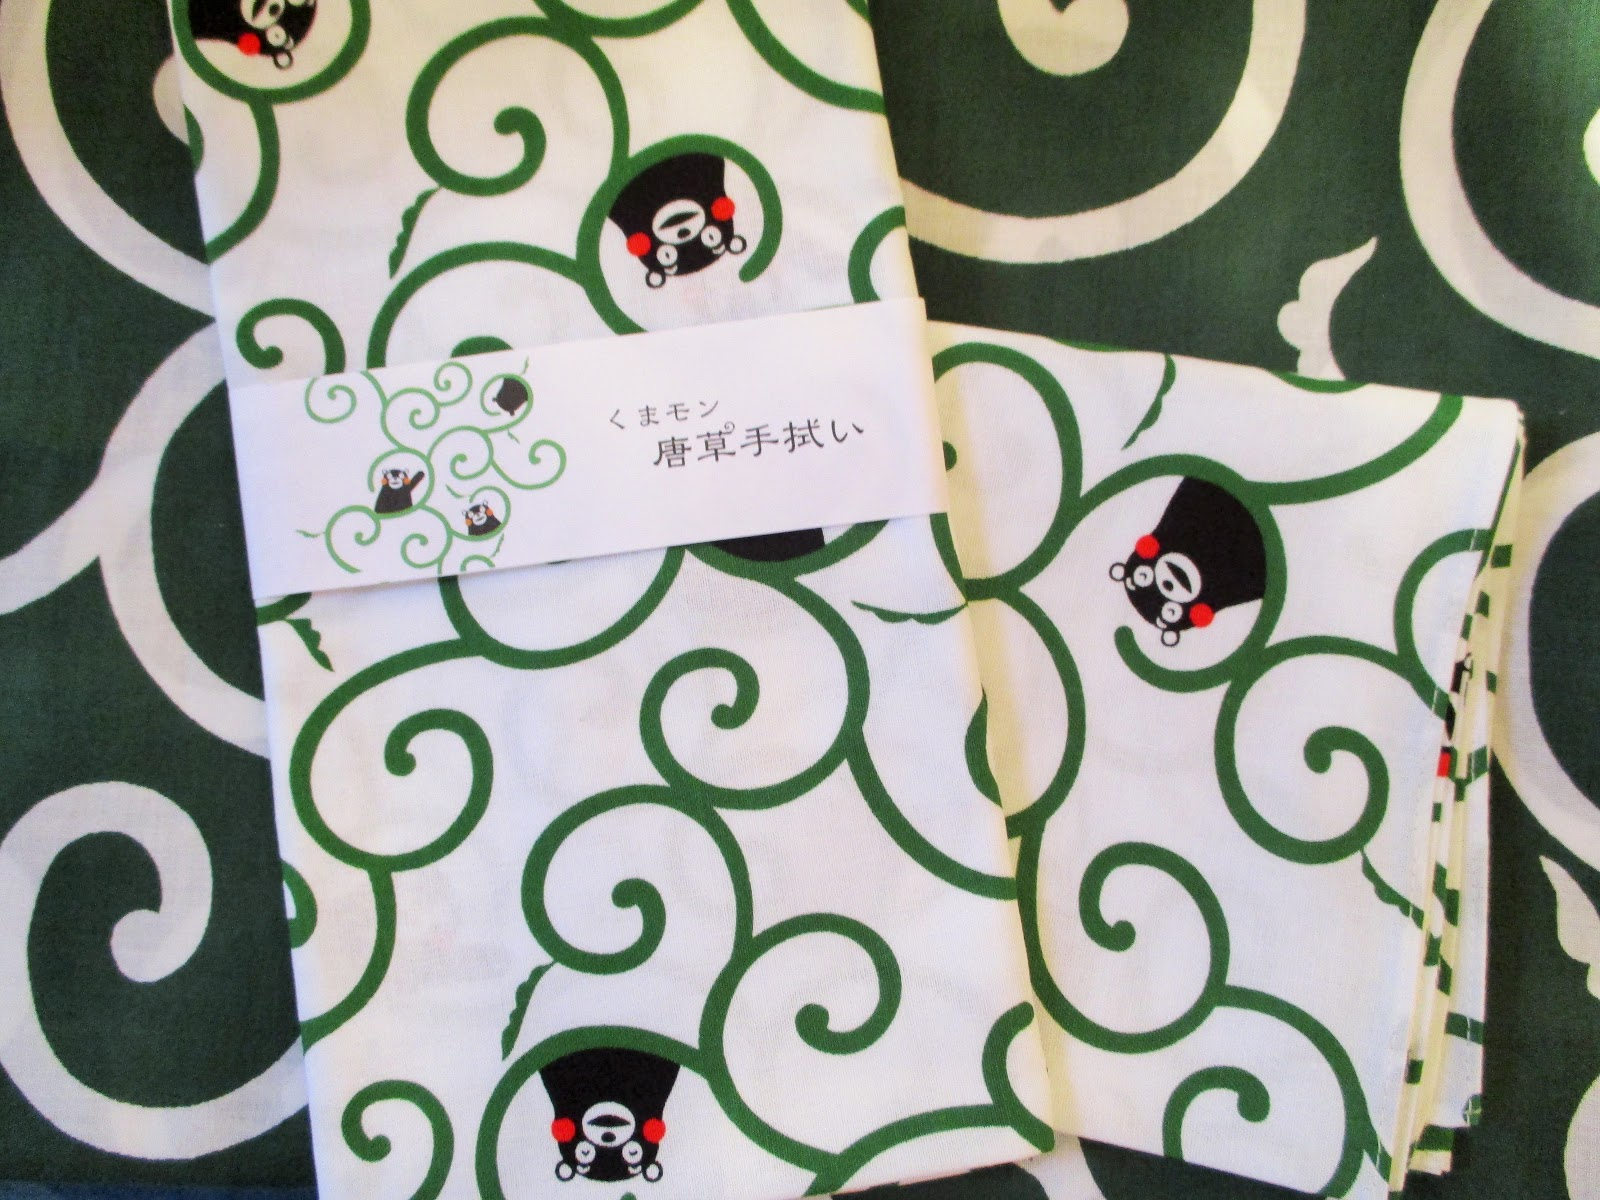 浅草 手ぬぐい屋くるりブログ: くまモングッズで熊本を応援 ...